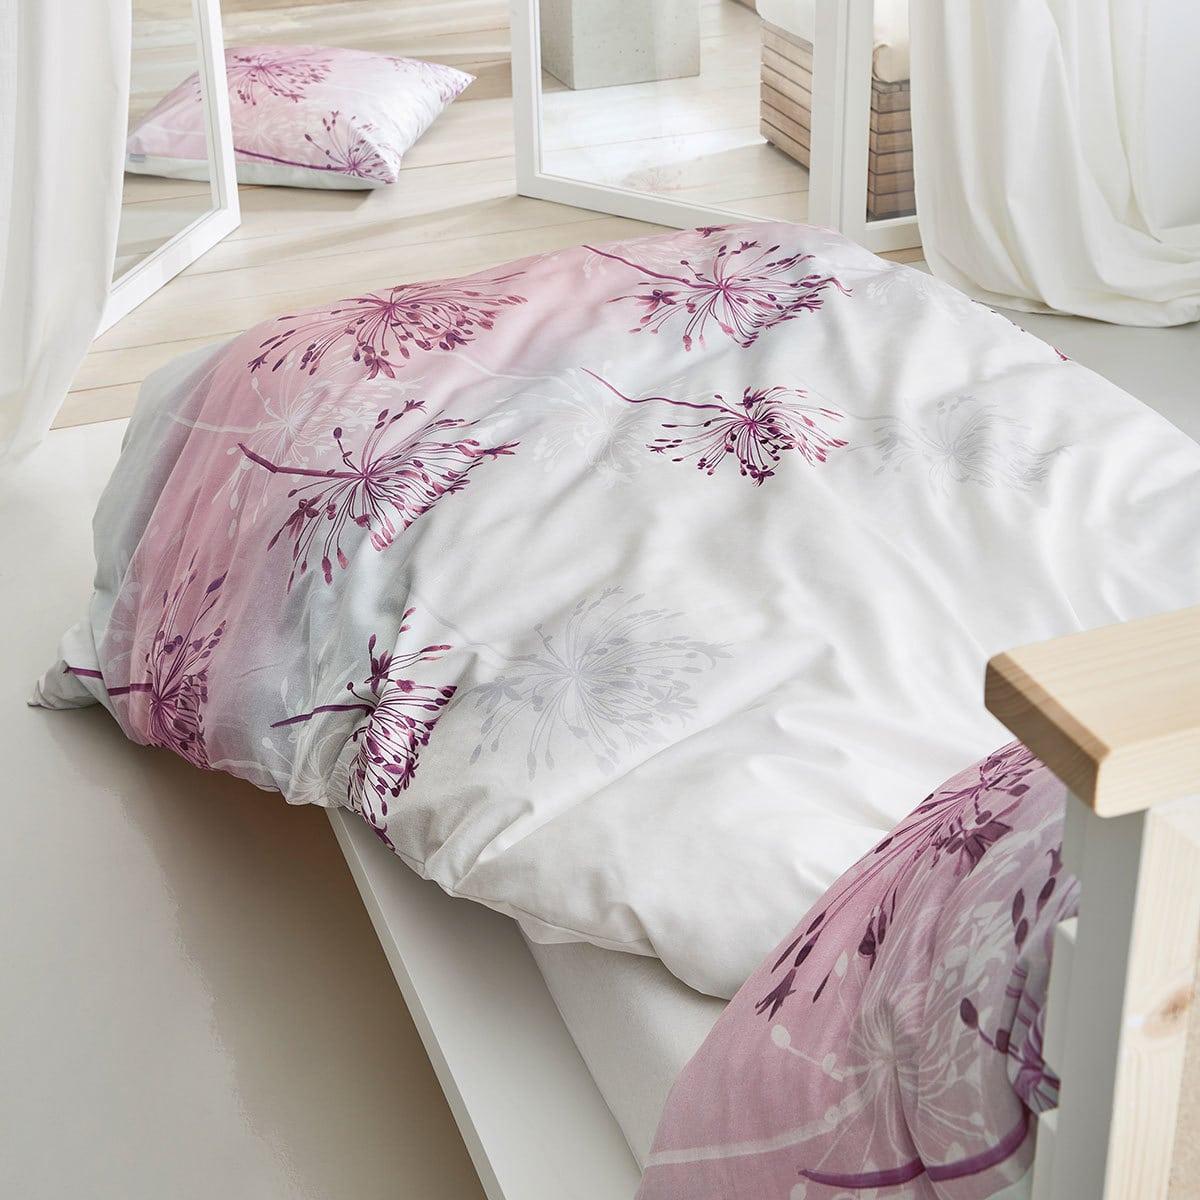 ibena mako satin bettw sche zeitgeist almelo g nstig online kaufen bei bettwaren shop. Black Bedroom Furniture Sets. Home Design Ideas